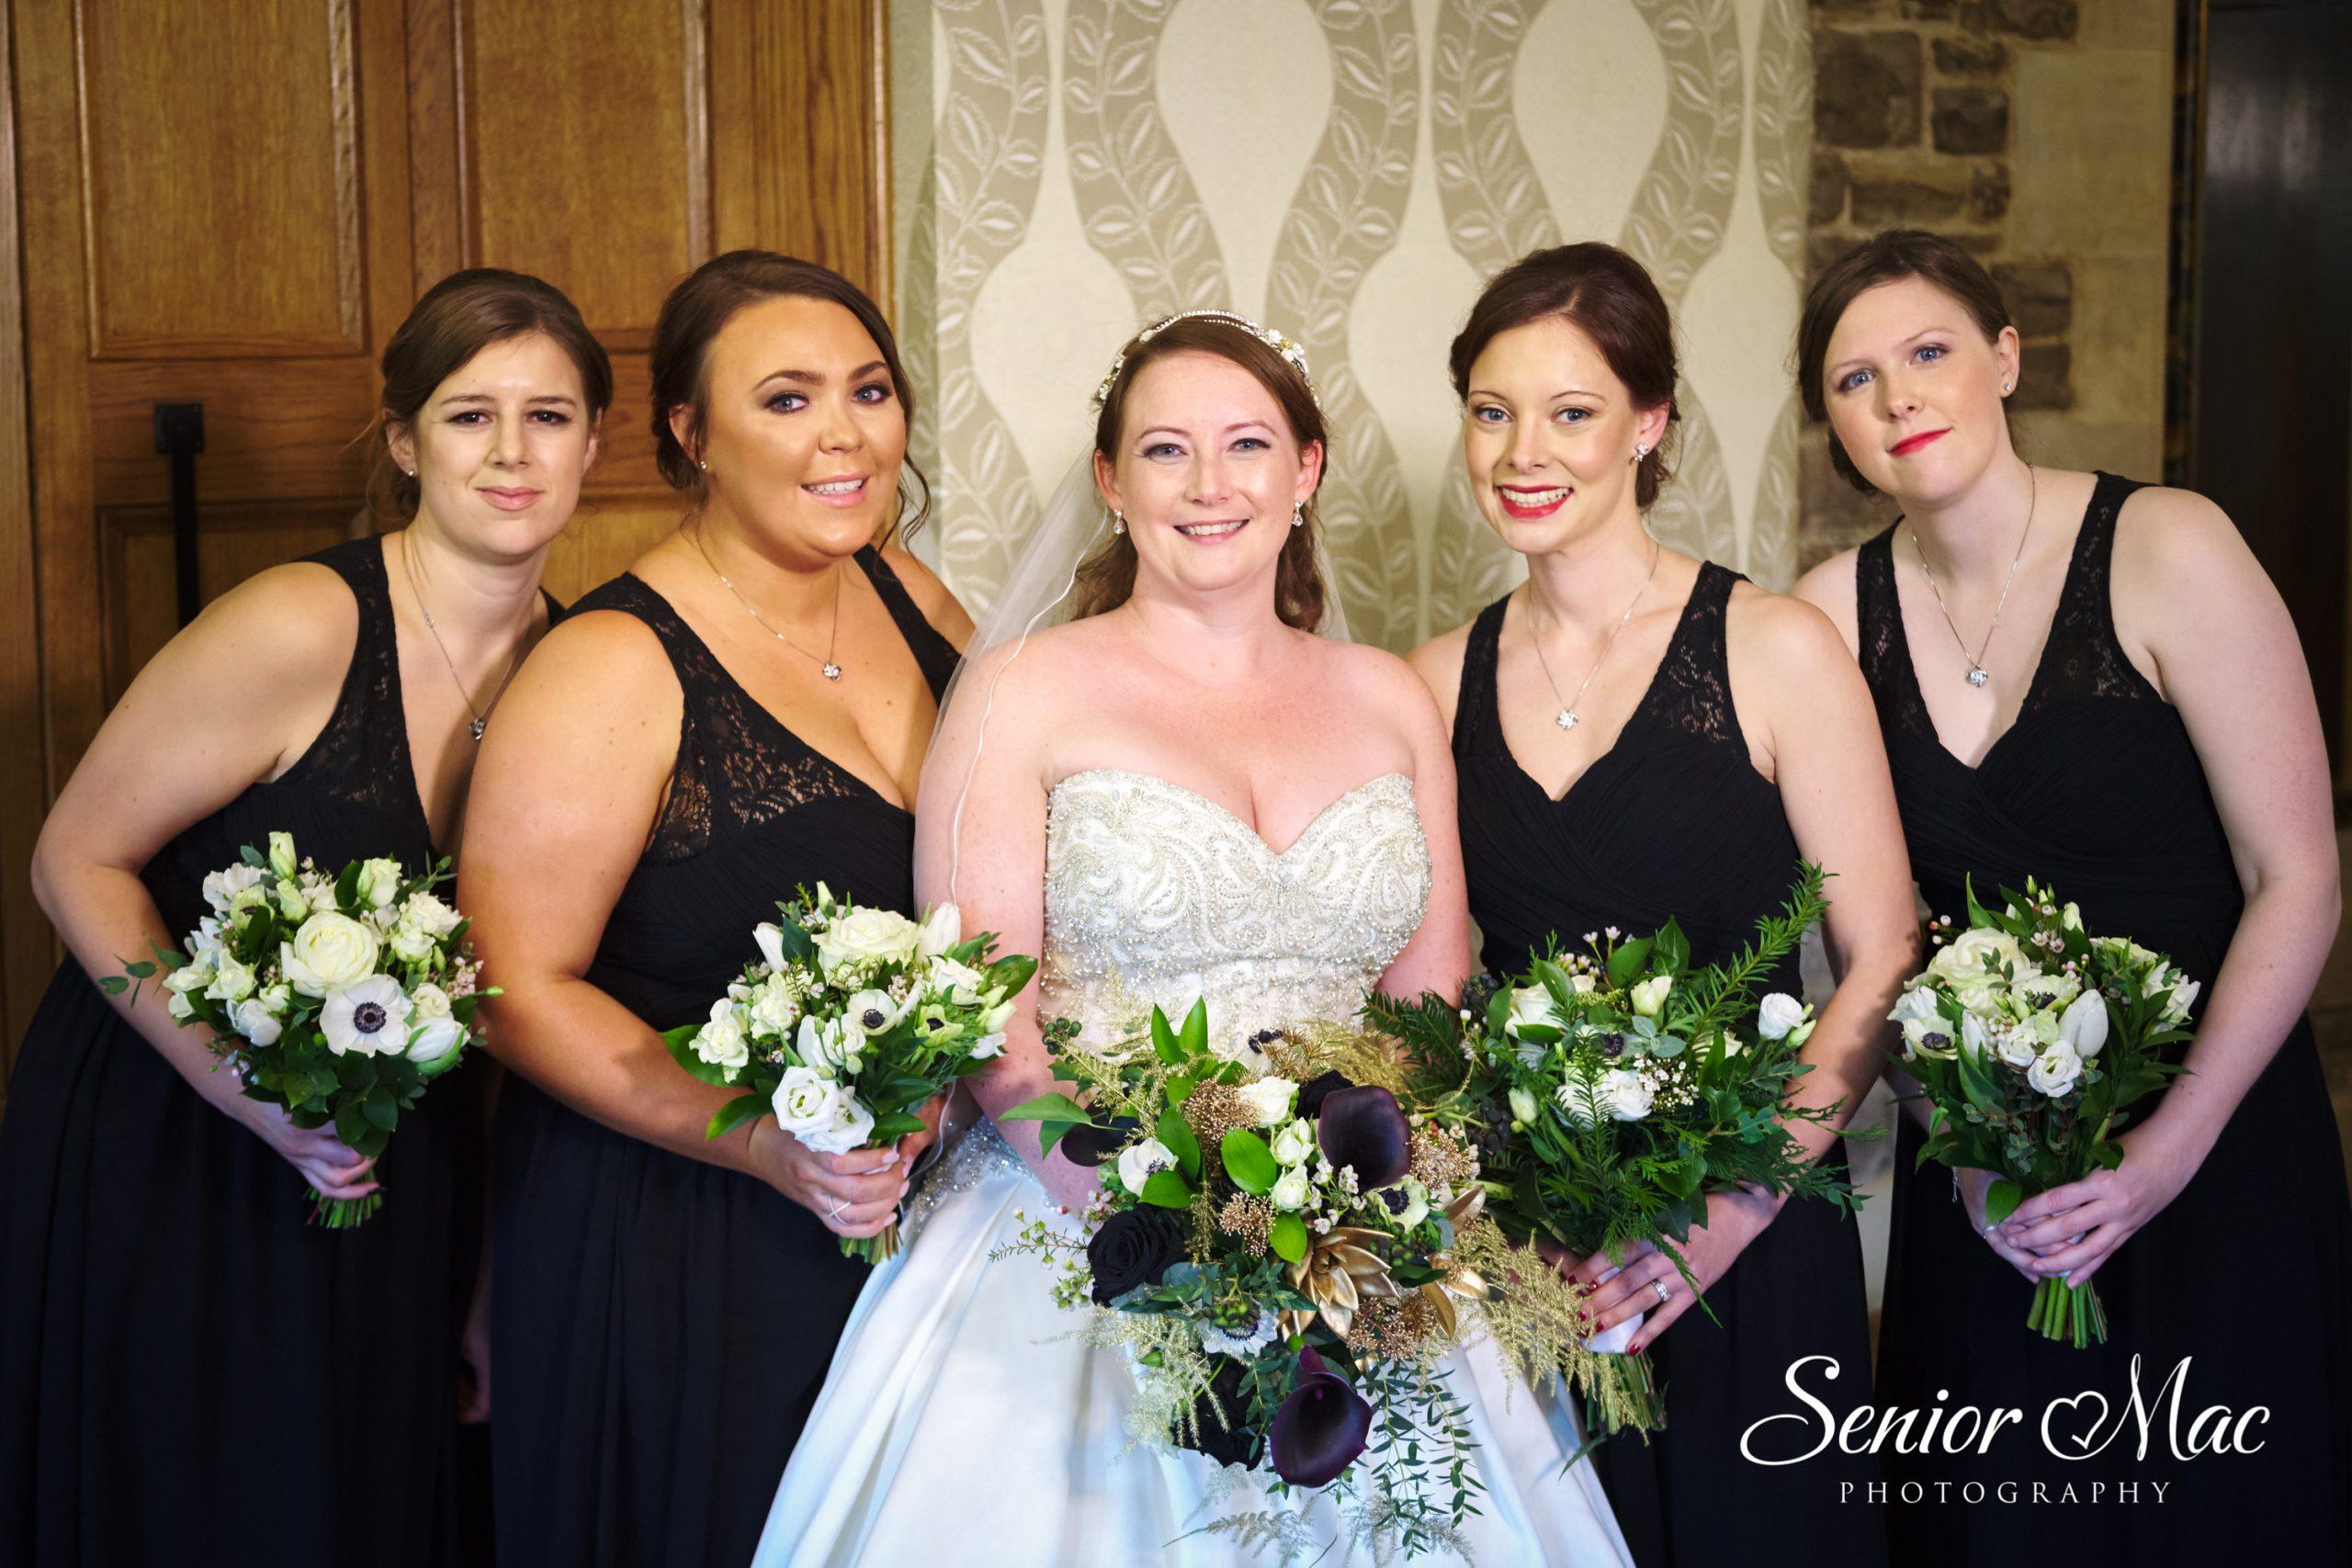 Janna wedding at South lodge